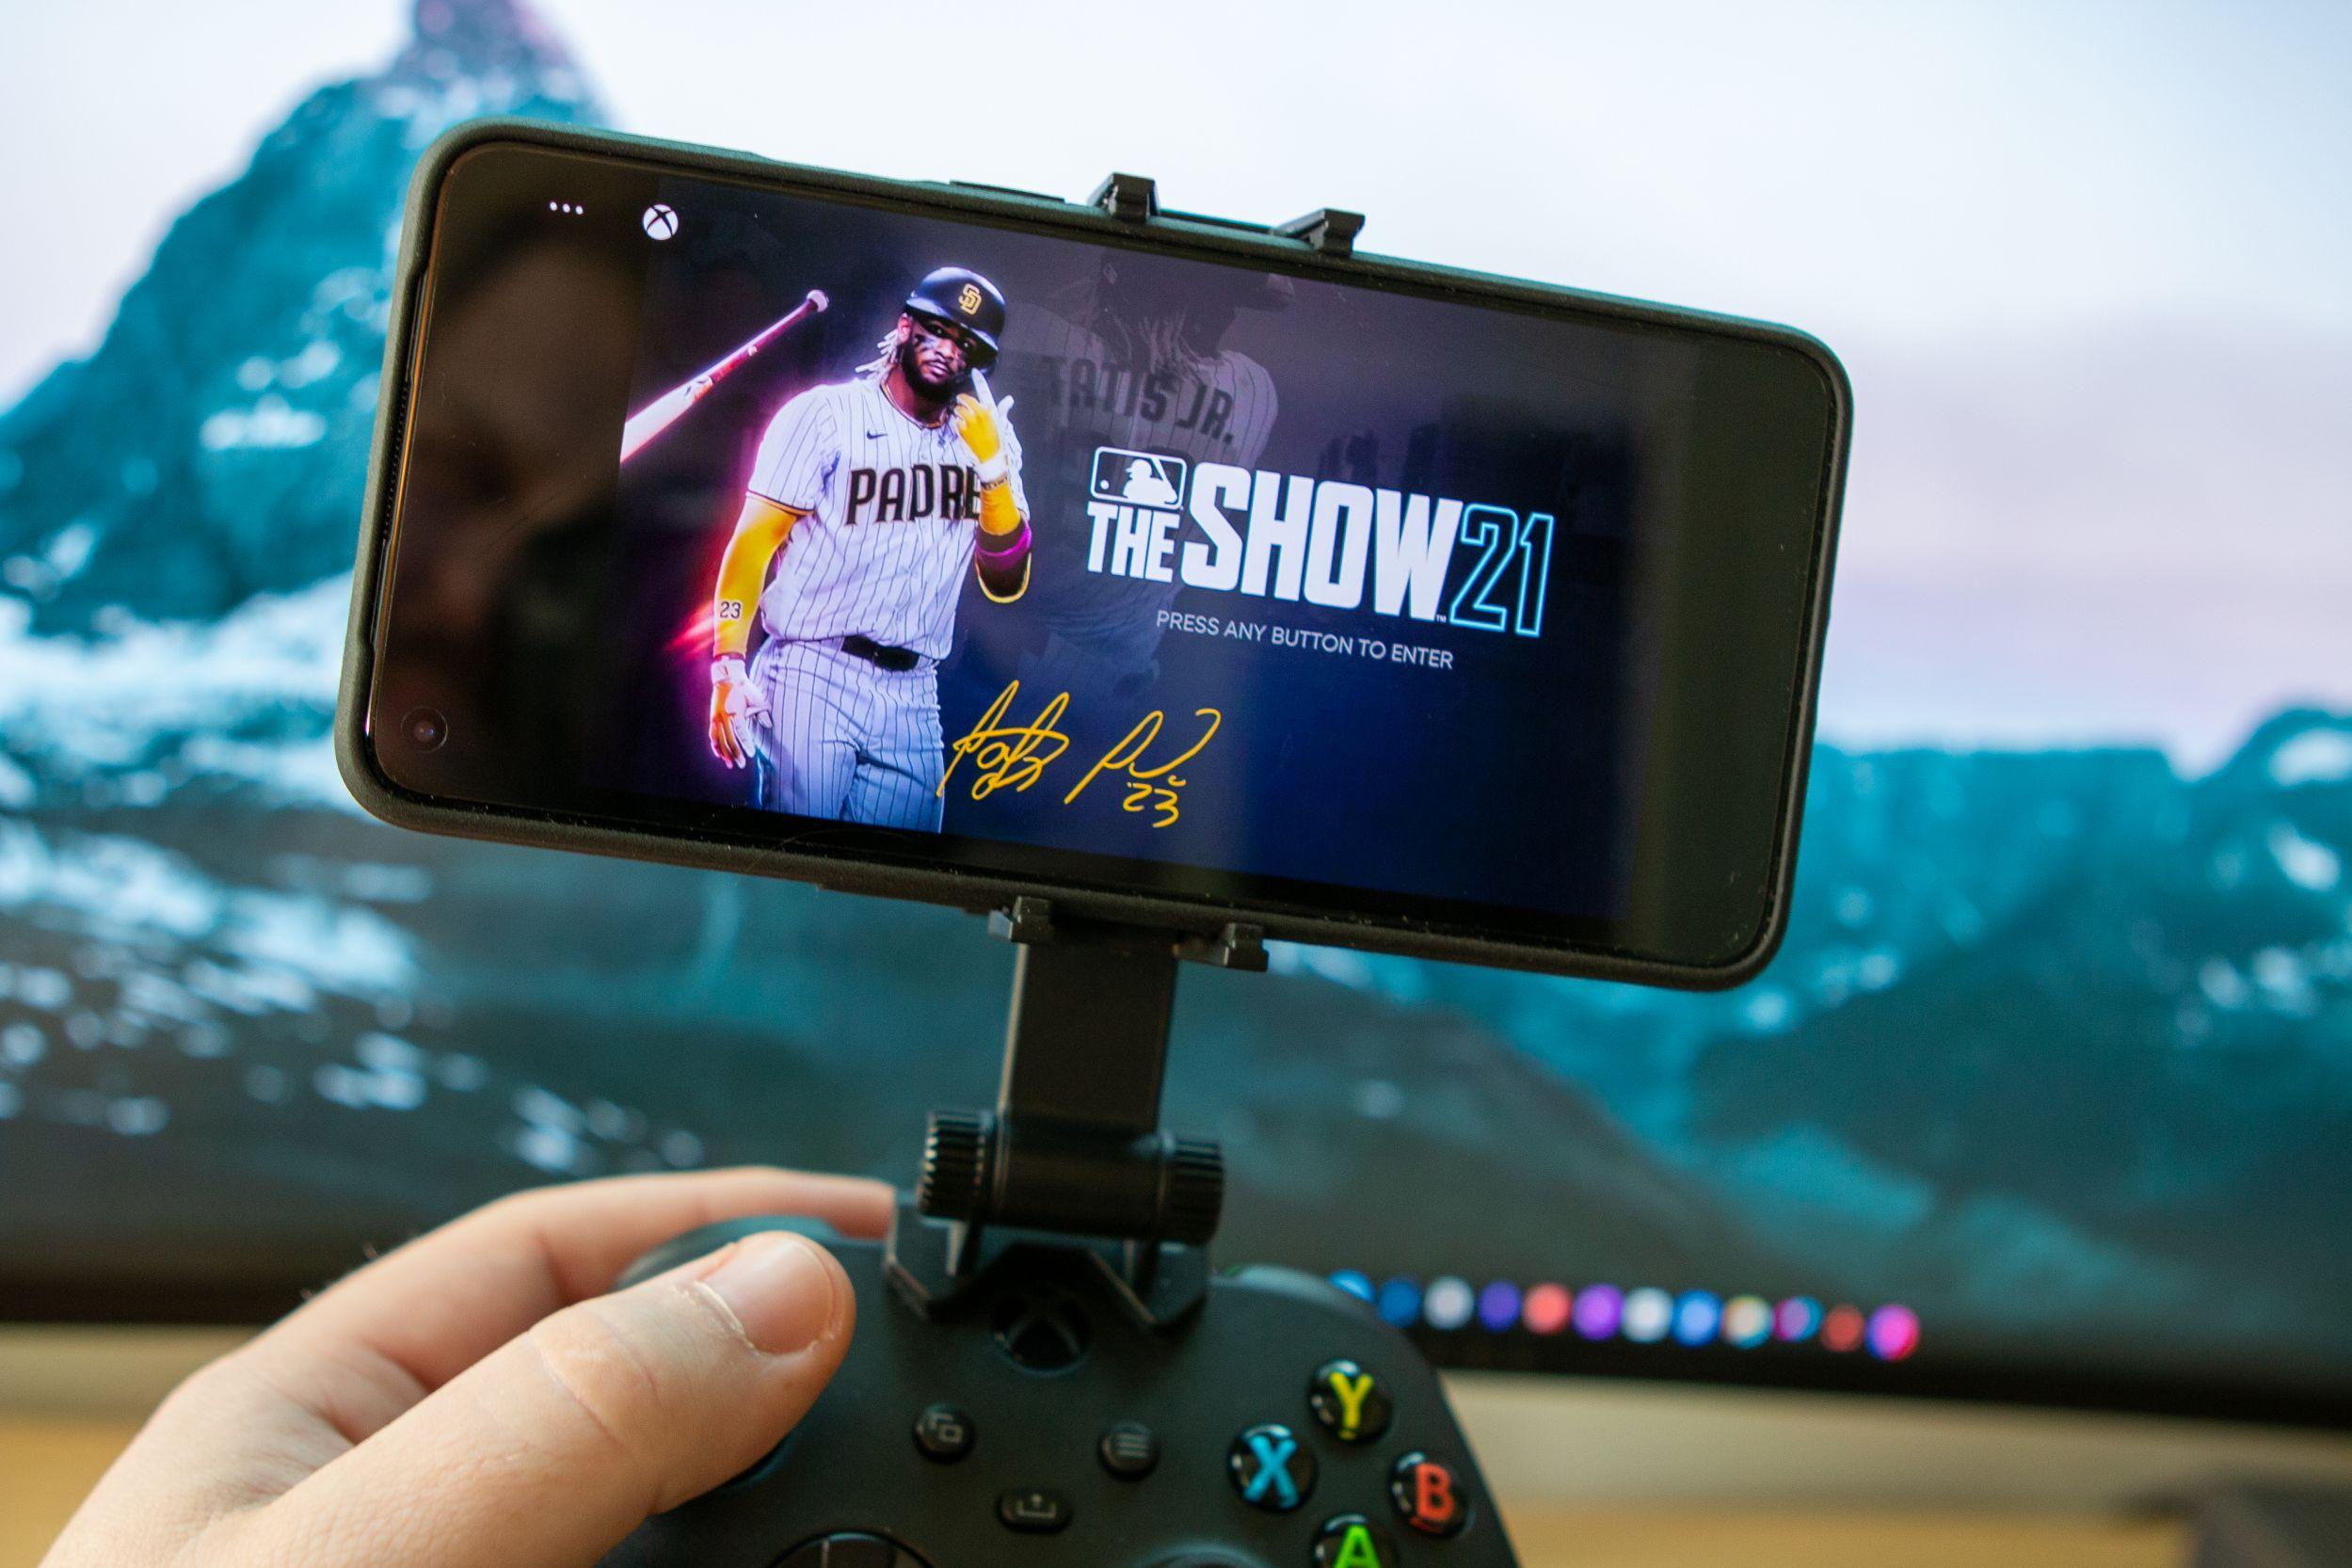 Xbox Game Pass OnePlus 9